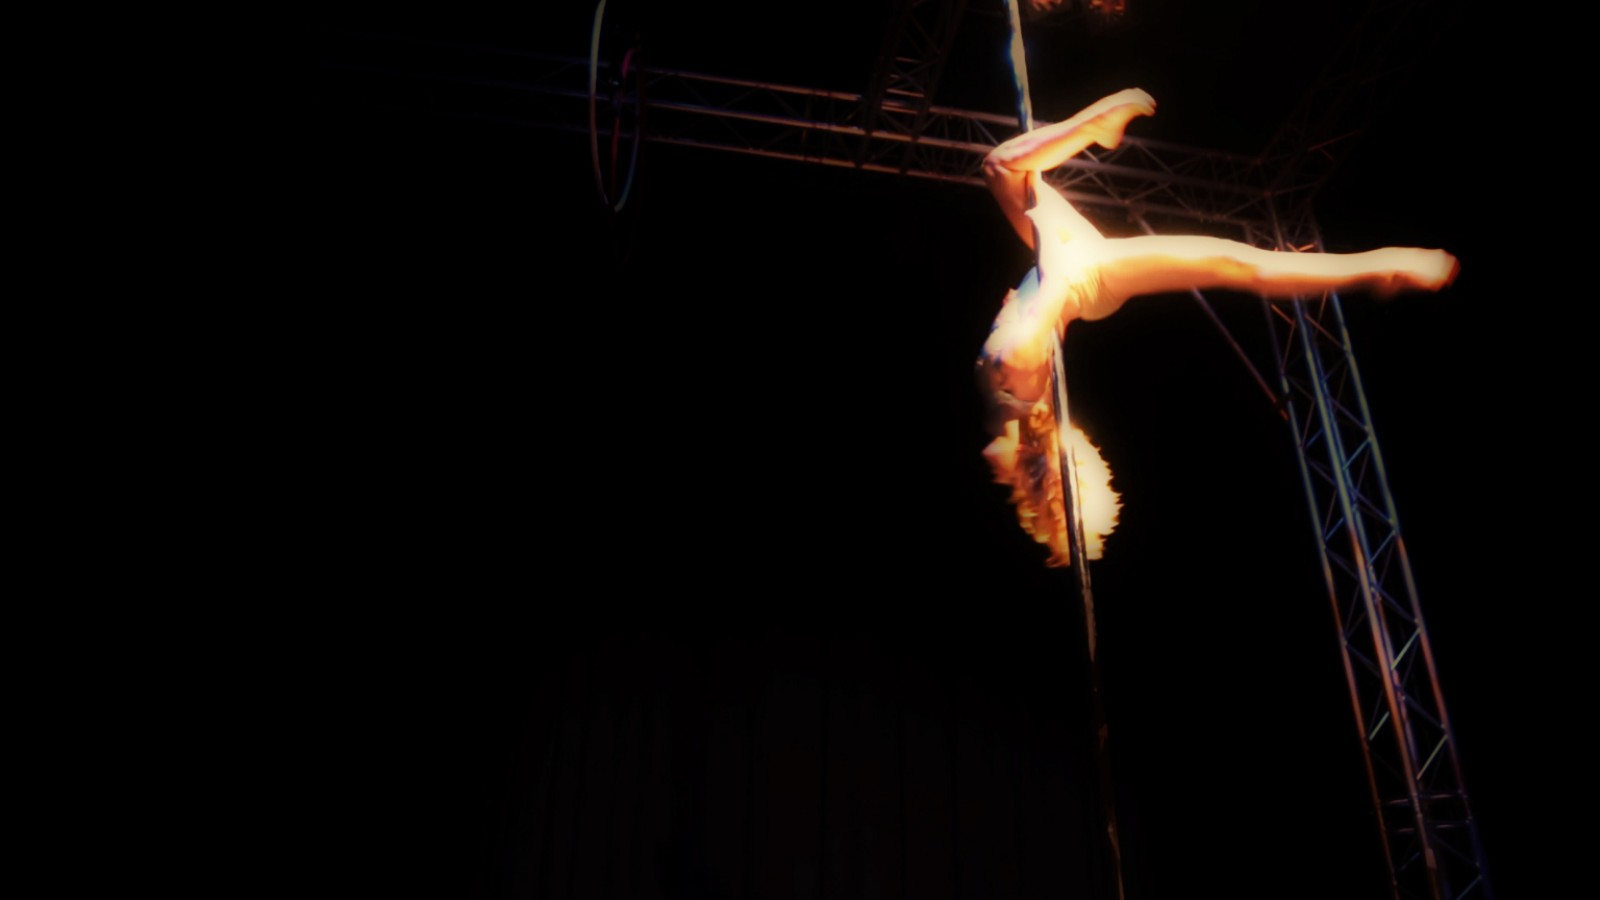 Championne du monde de pole dance